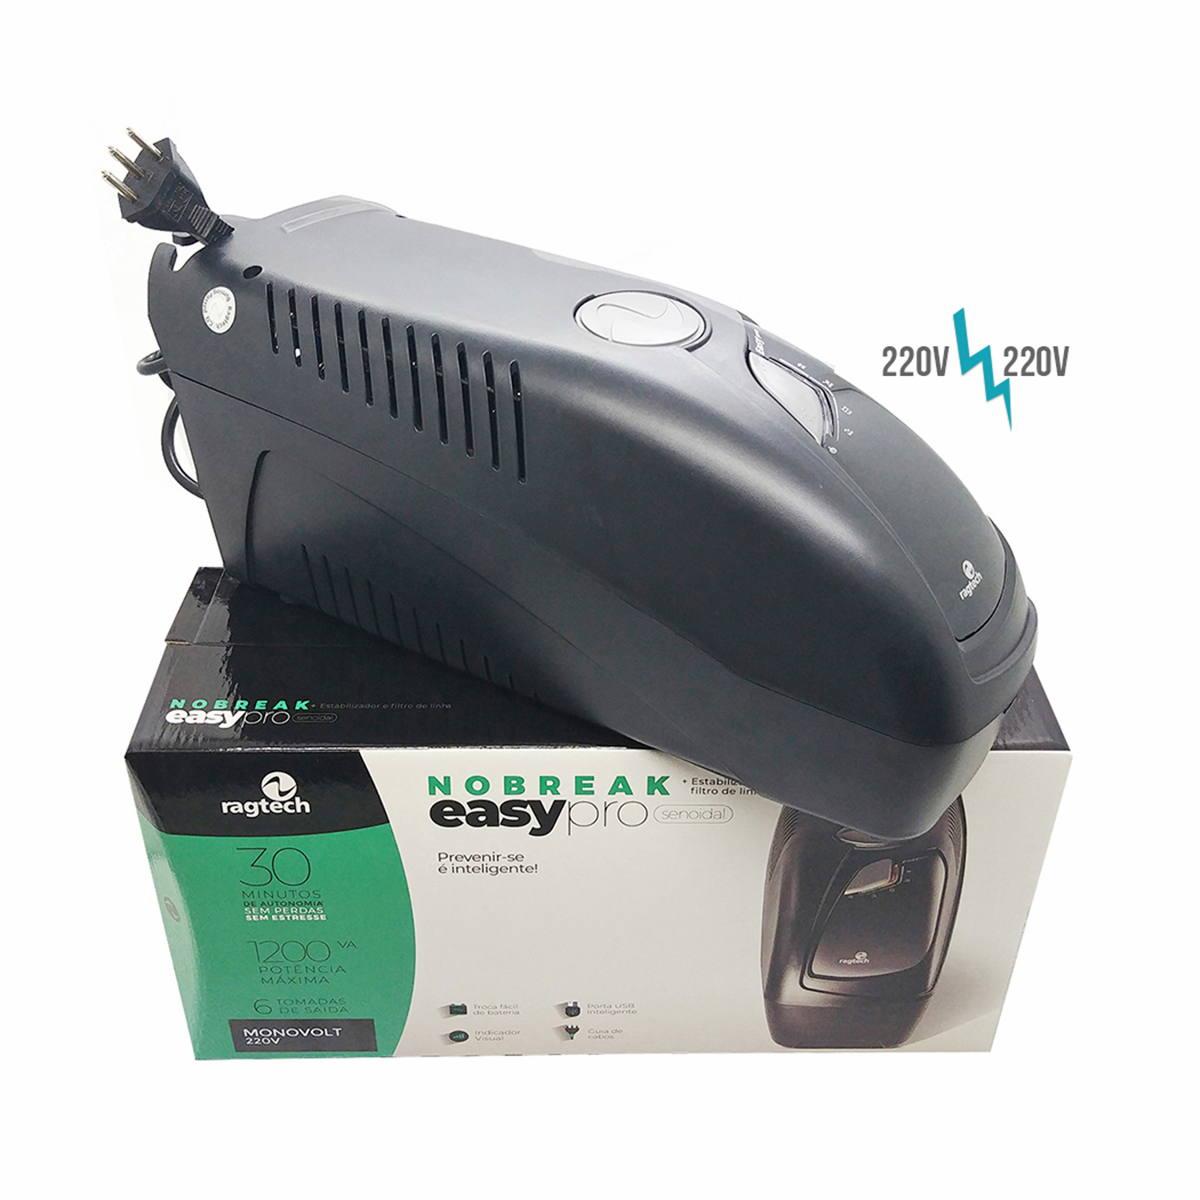 Nobreak 220V Senoidal Puro 1200VA 840W Entrada e Saída 220V Porta USB Inteligente + Estabilizador e Filtro Ragtech 4163